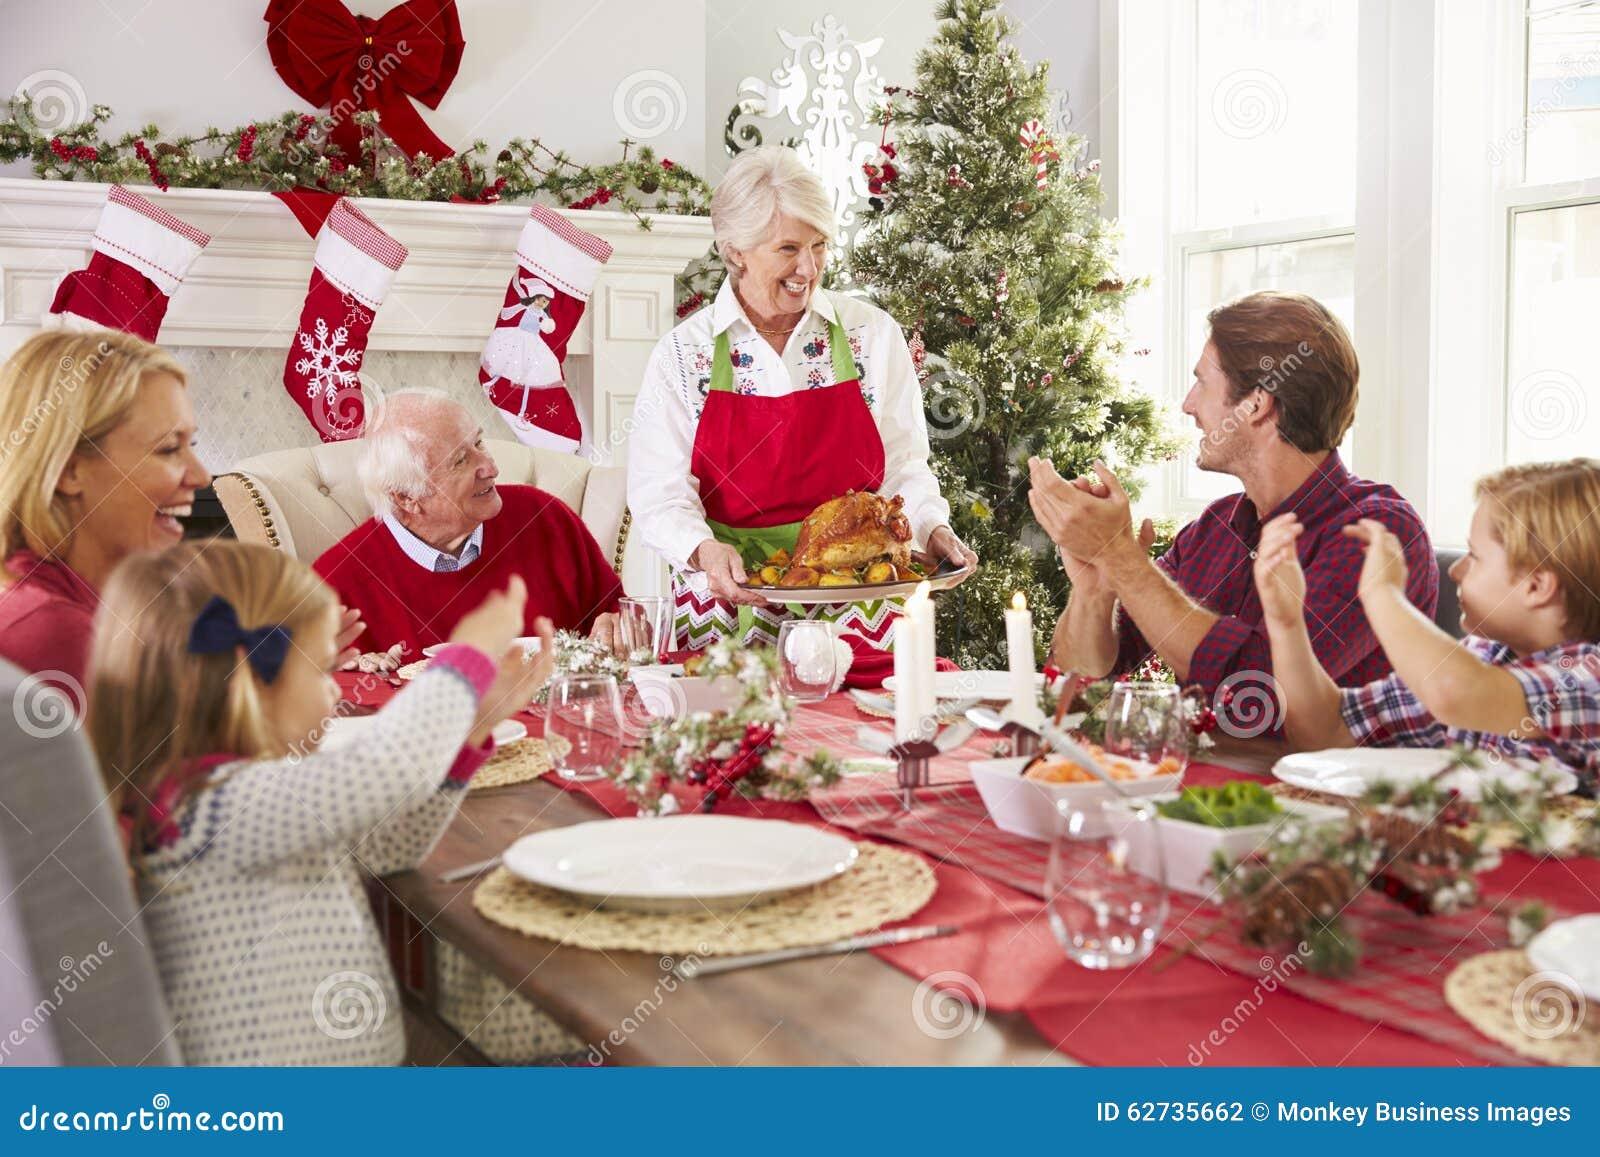 Grand m re mettant en vidence la turquie au repas de no l de famille photo stock image 62735662 - Repas de noel enfant ...